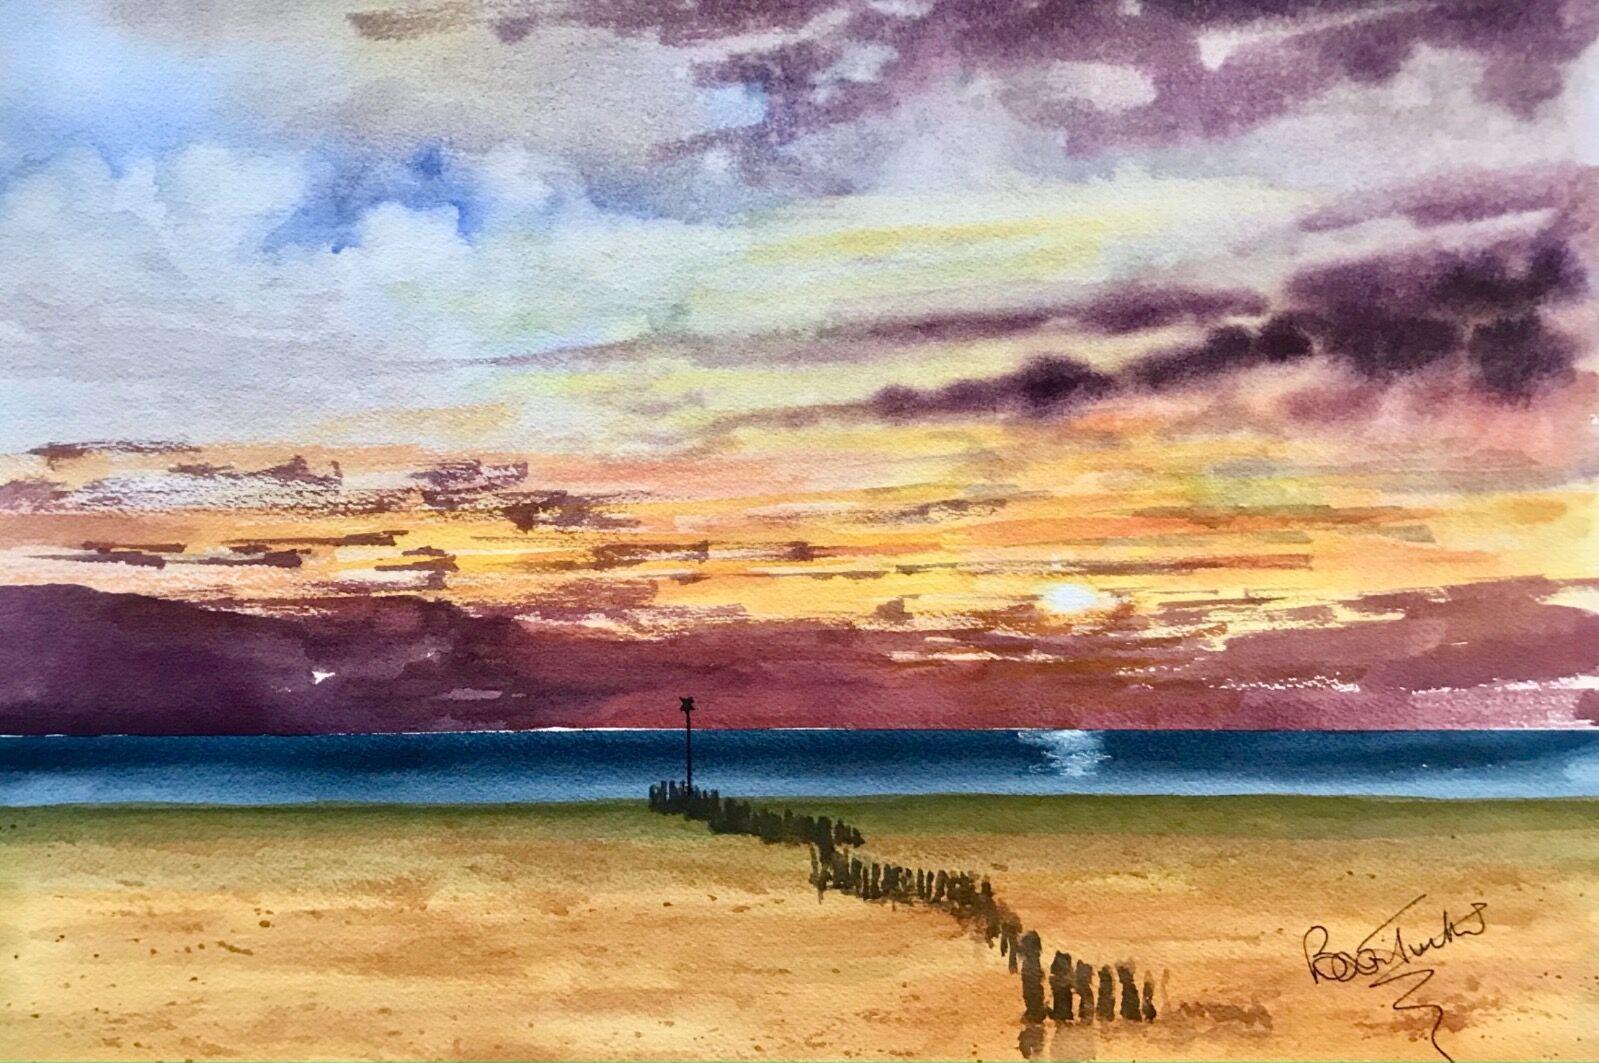 Sunset at Hunstanton Beach in Norfolk